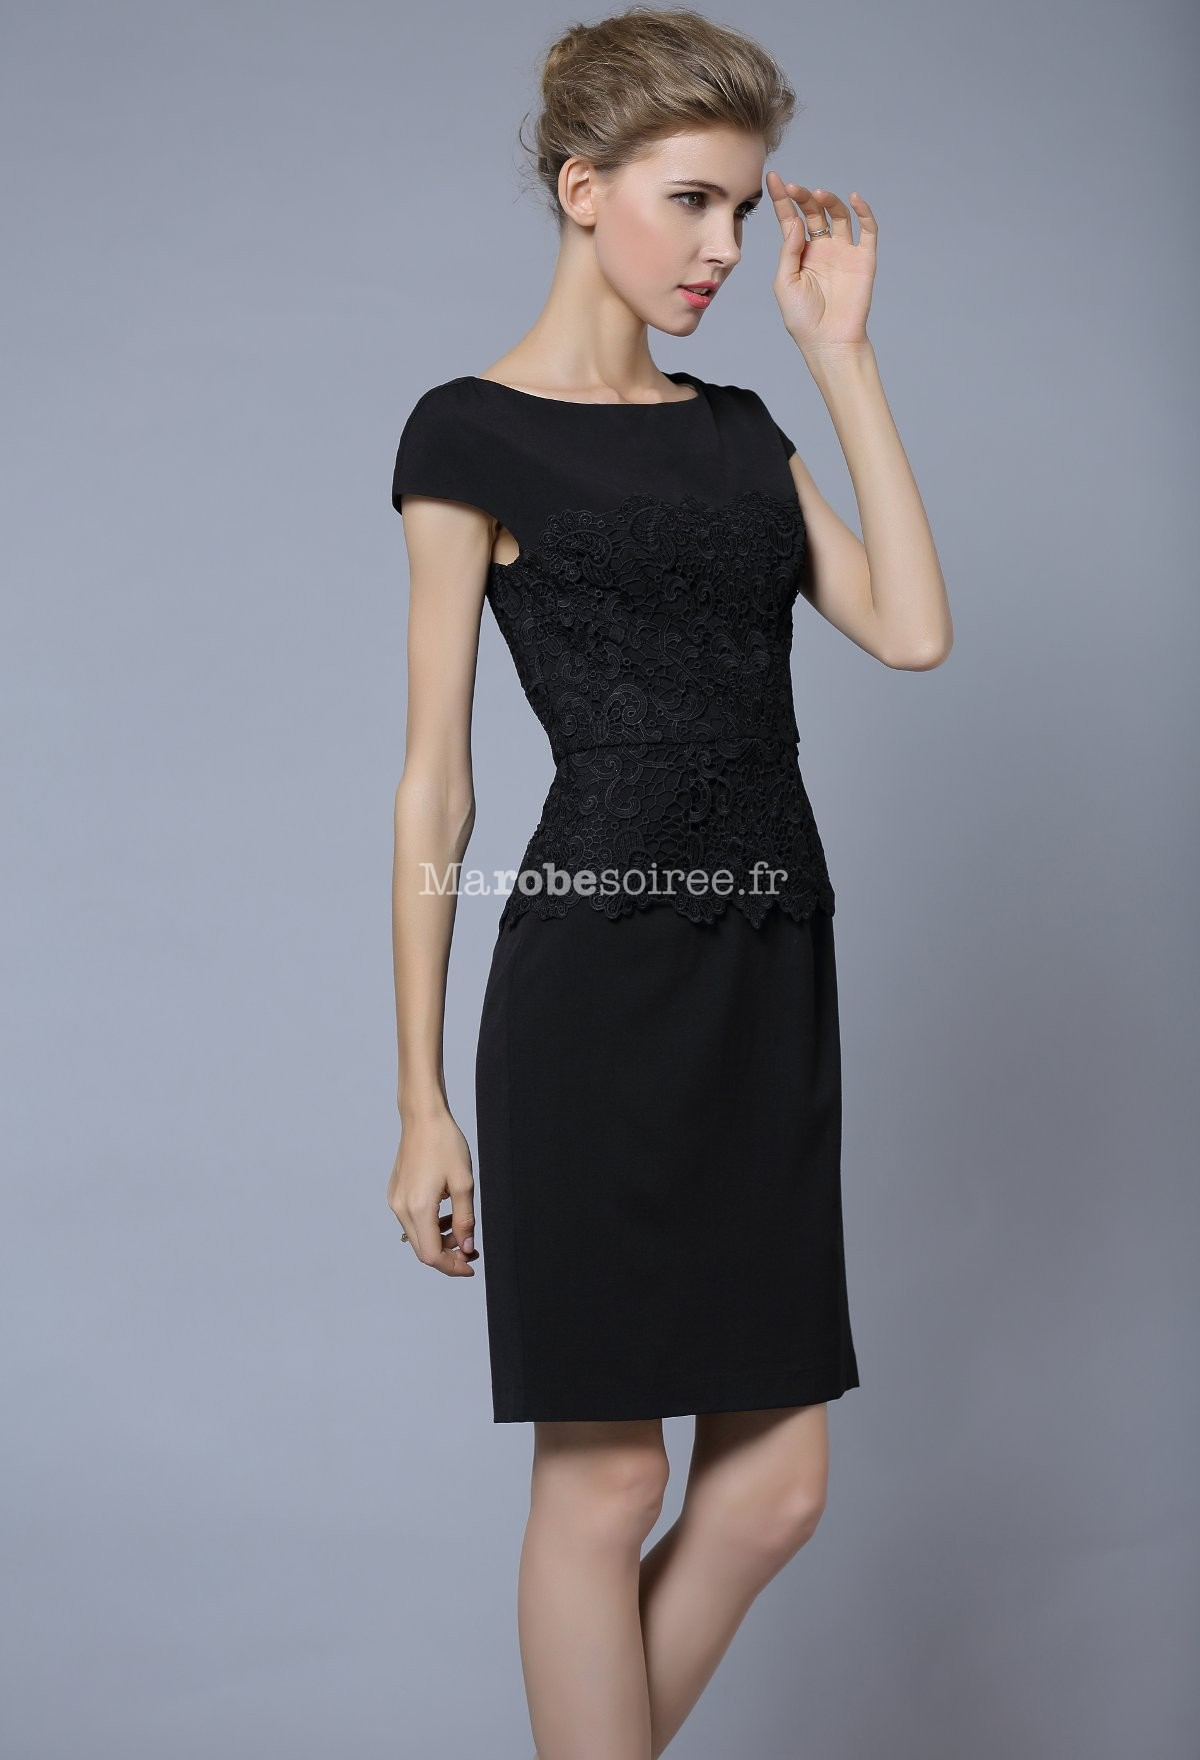 Robe noire courte avec manche